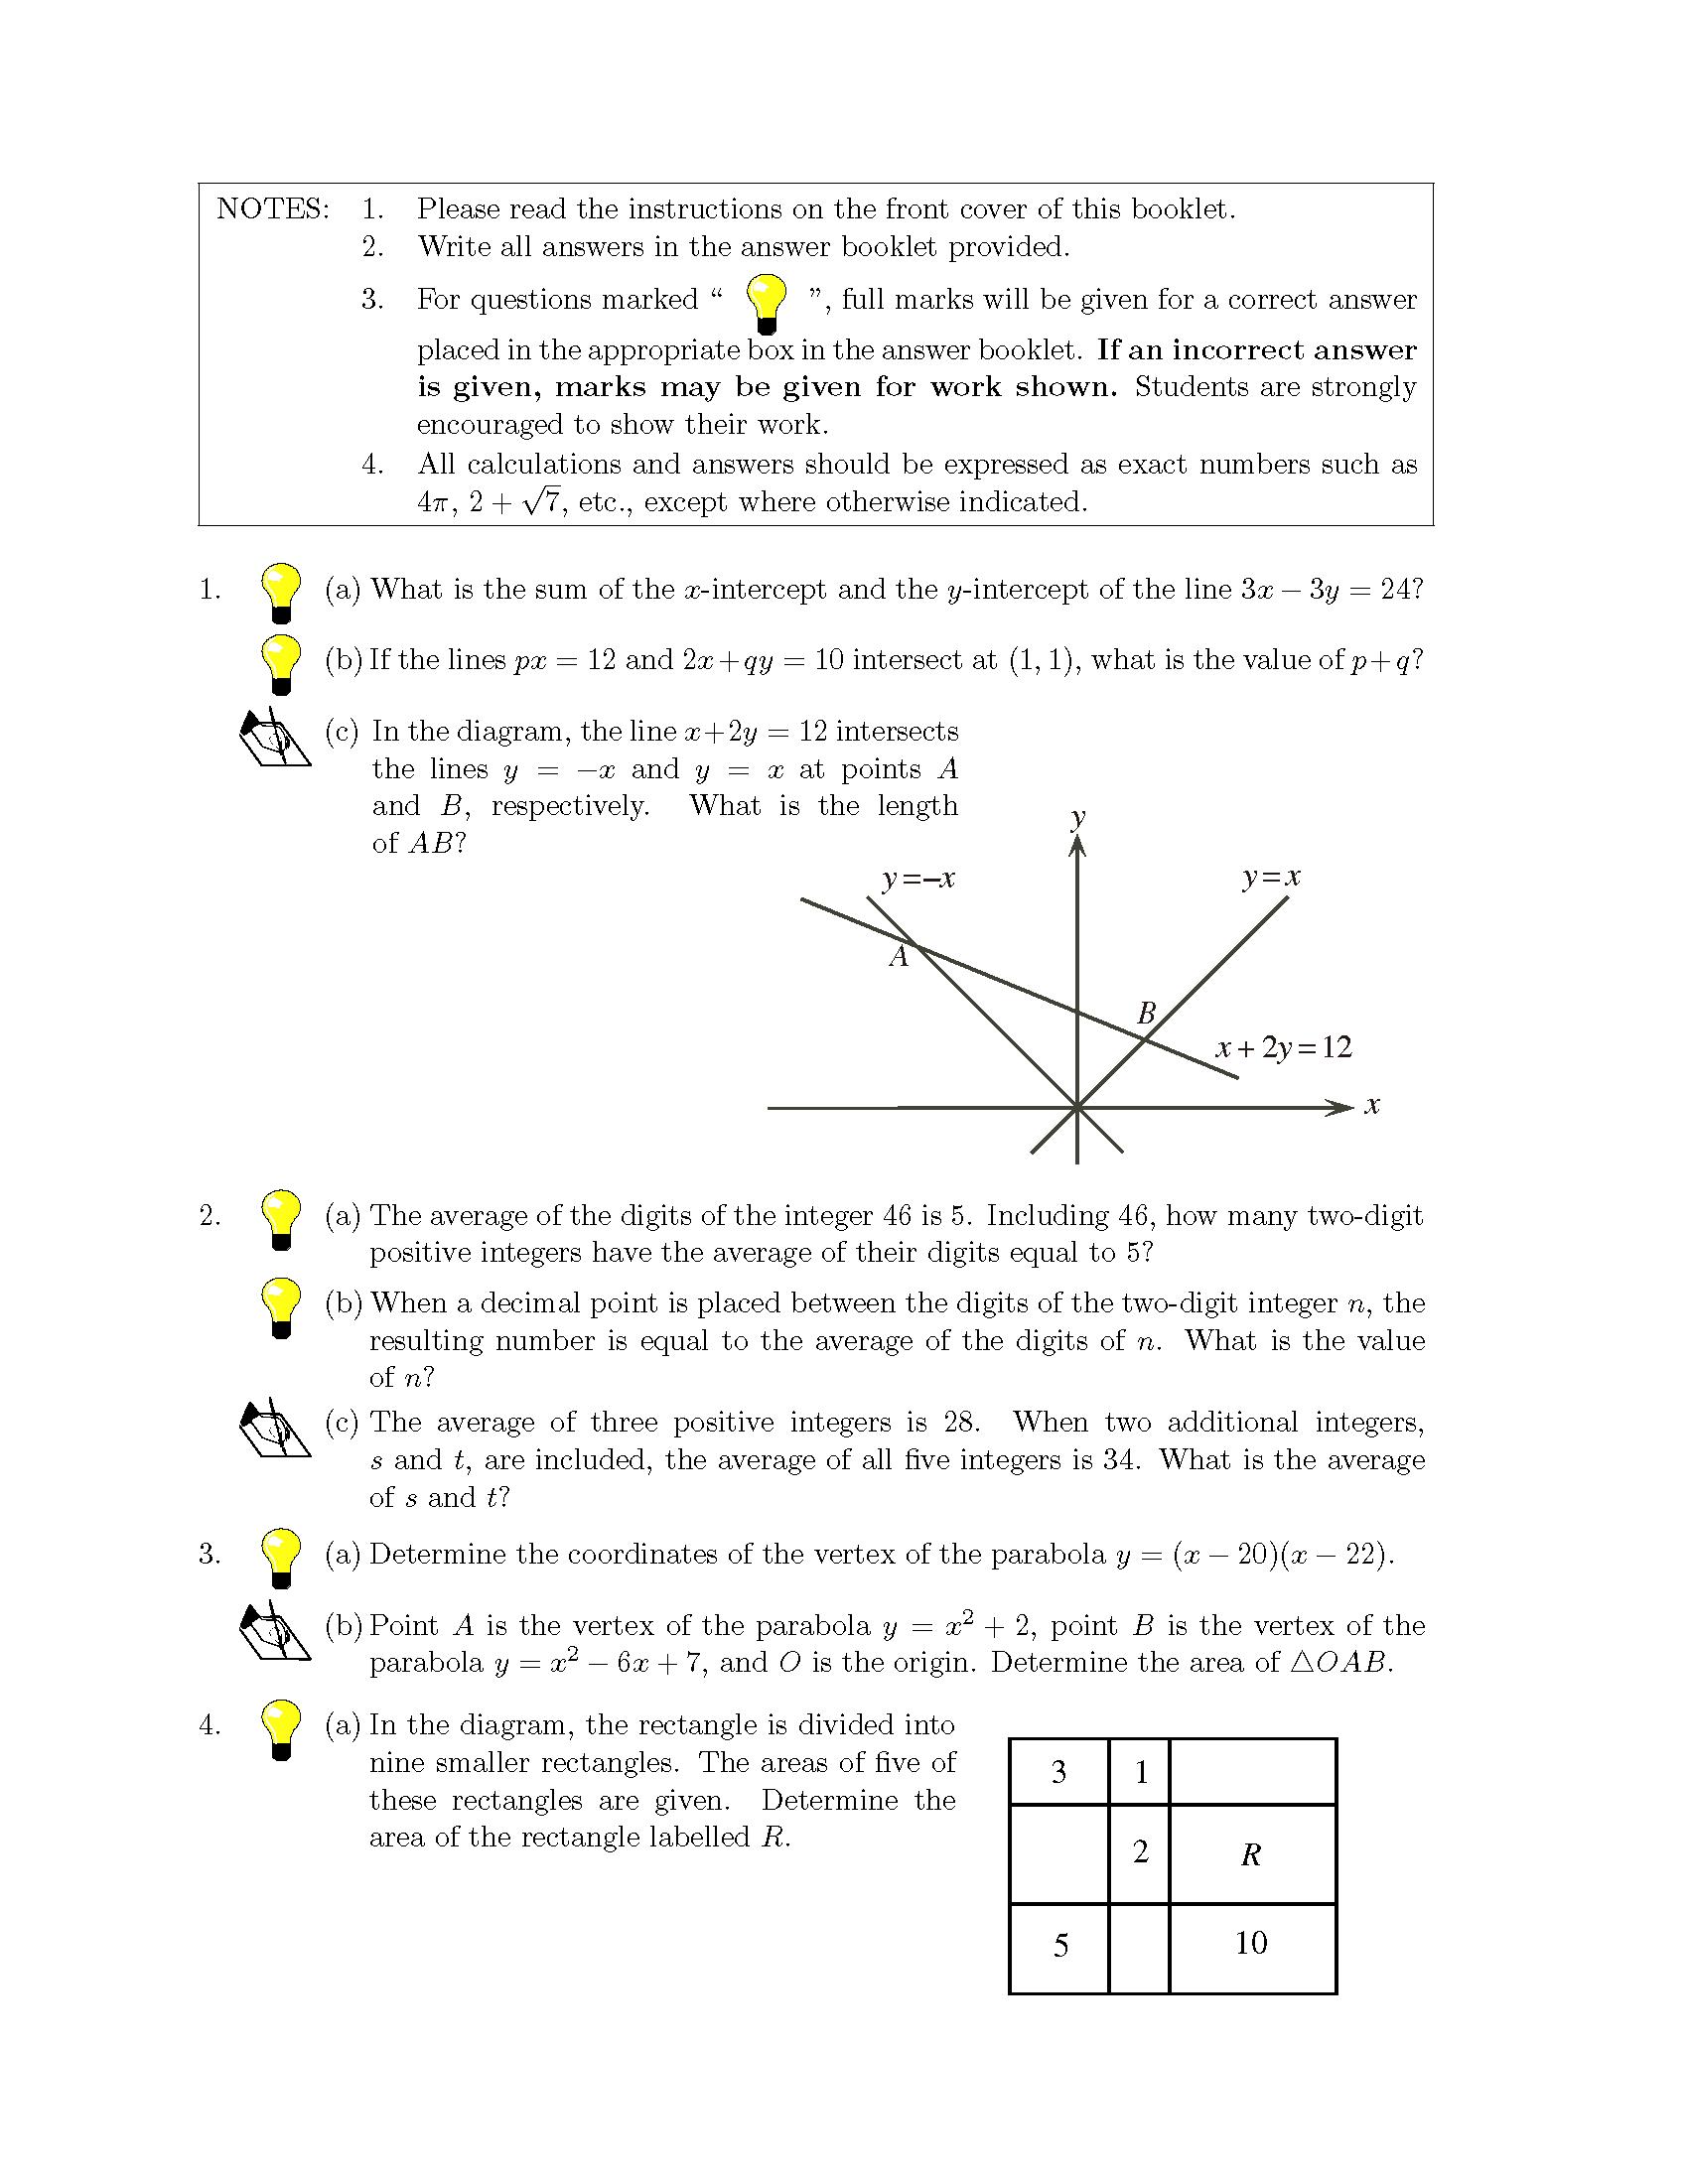 加拿大数学竞赛CMC-Euclid欧几里德数学竞赛2006年真题